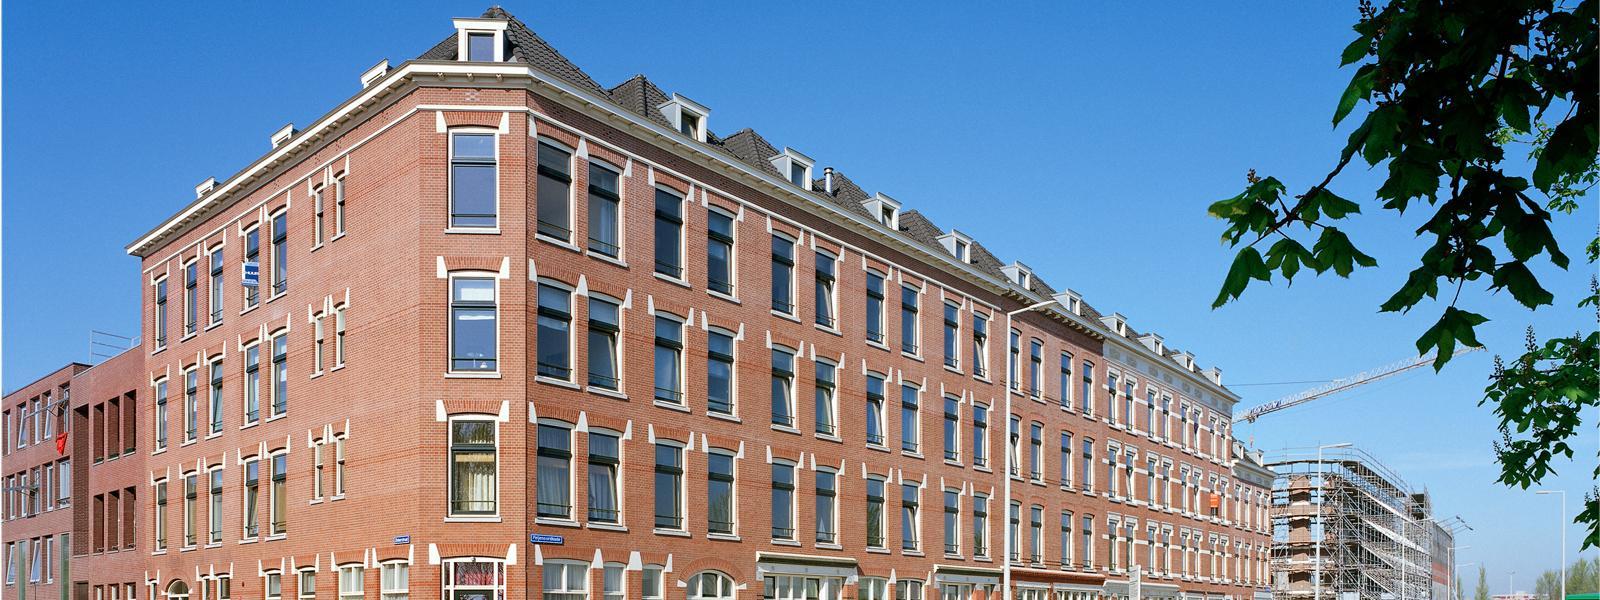 Renovatie rinus roovers architectuur - Architectuur renovatie ...